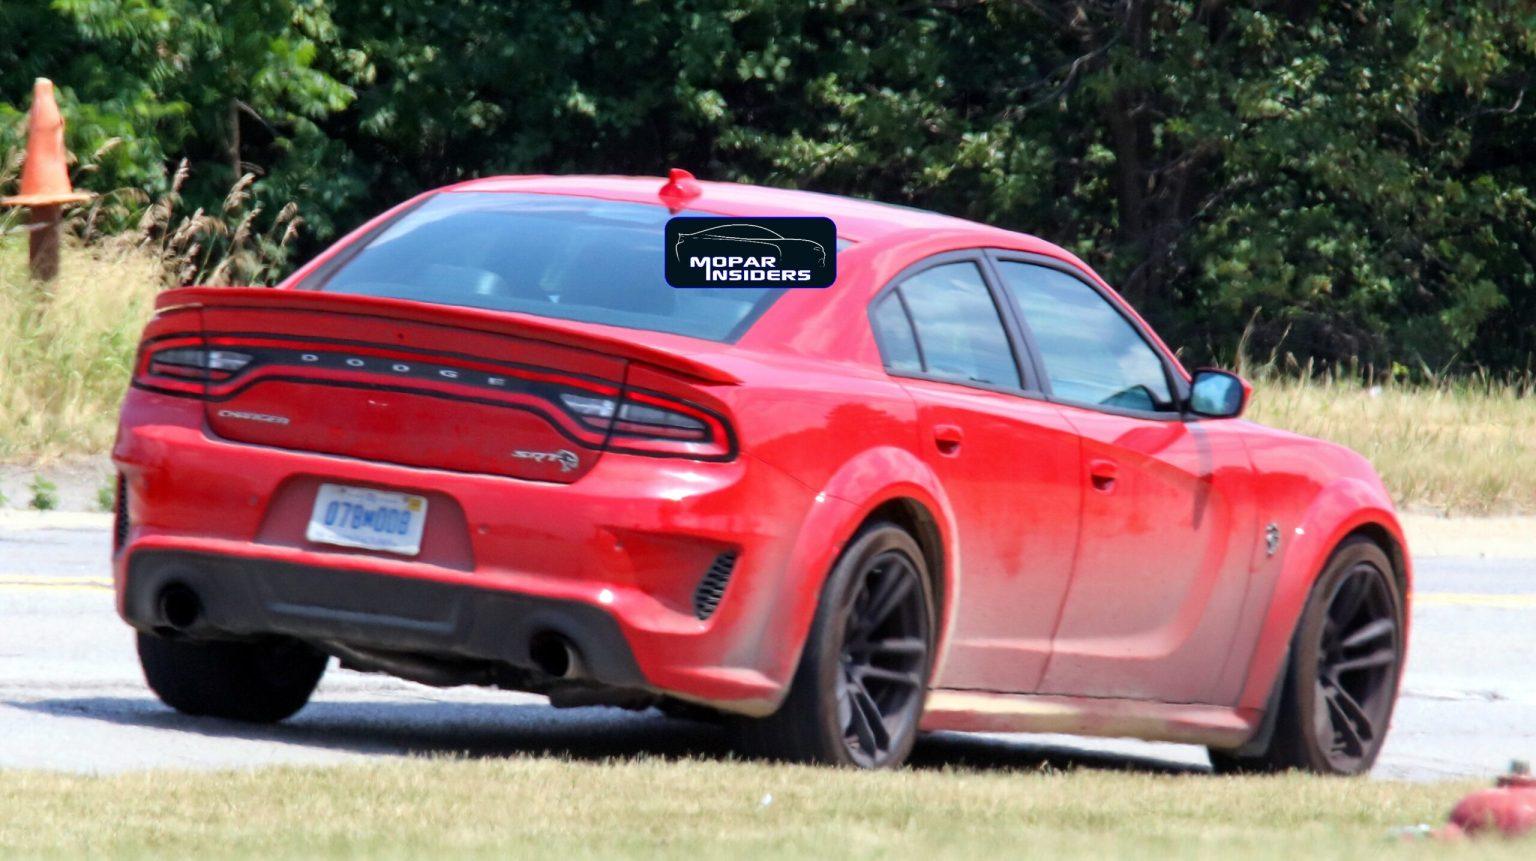 dodge srt incentives 2021 Dodge Charger SRT Hellcat & Hellcat Redeye Models Hit